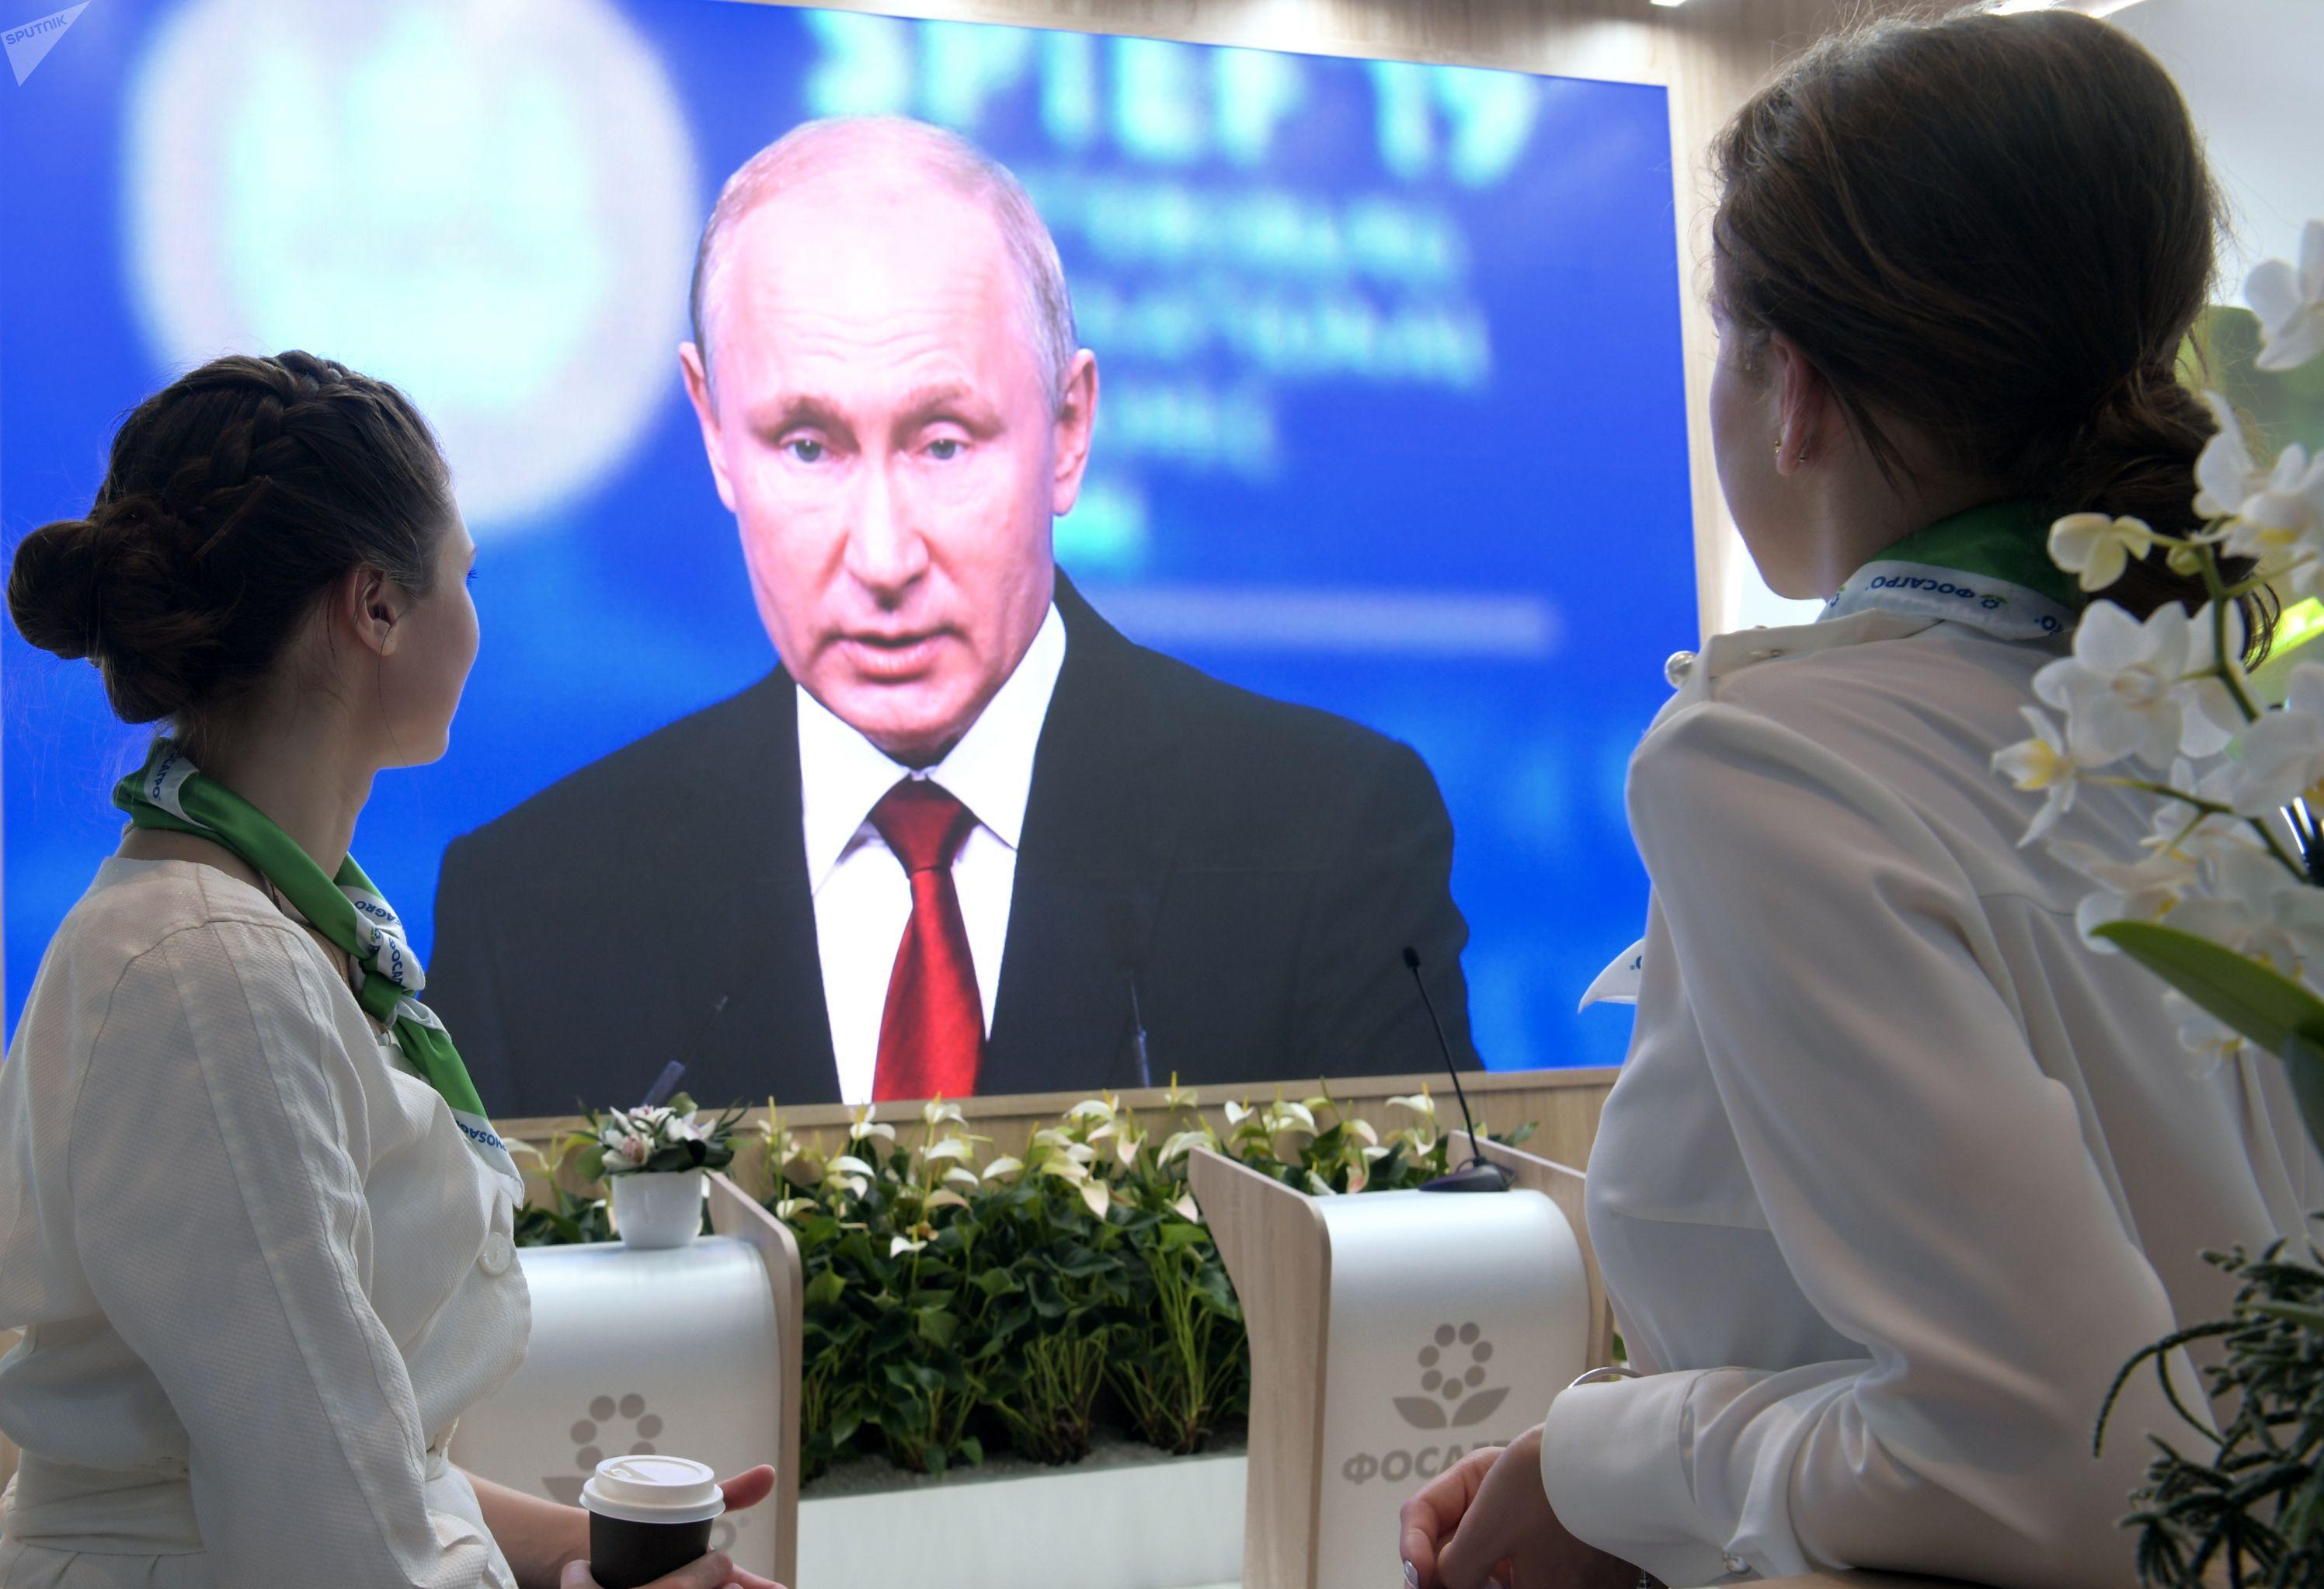 Участницы Петербургского международного экономического форума 2019 (ПМЭФ-2019) на стенде компании Фосагро смотрят трансляцию выступления президента РФ Владимира Путина.